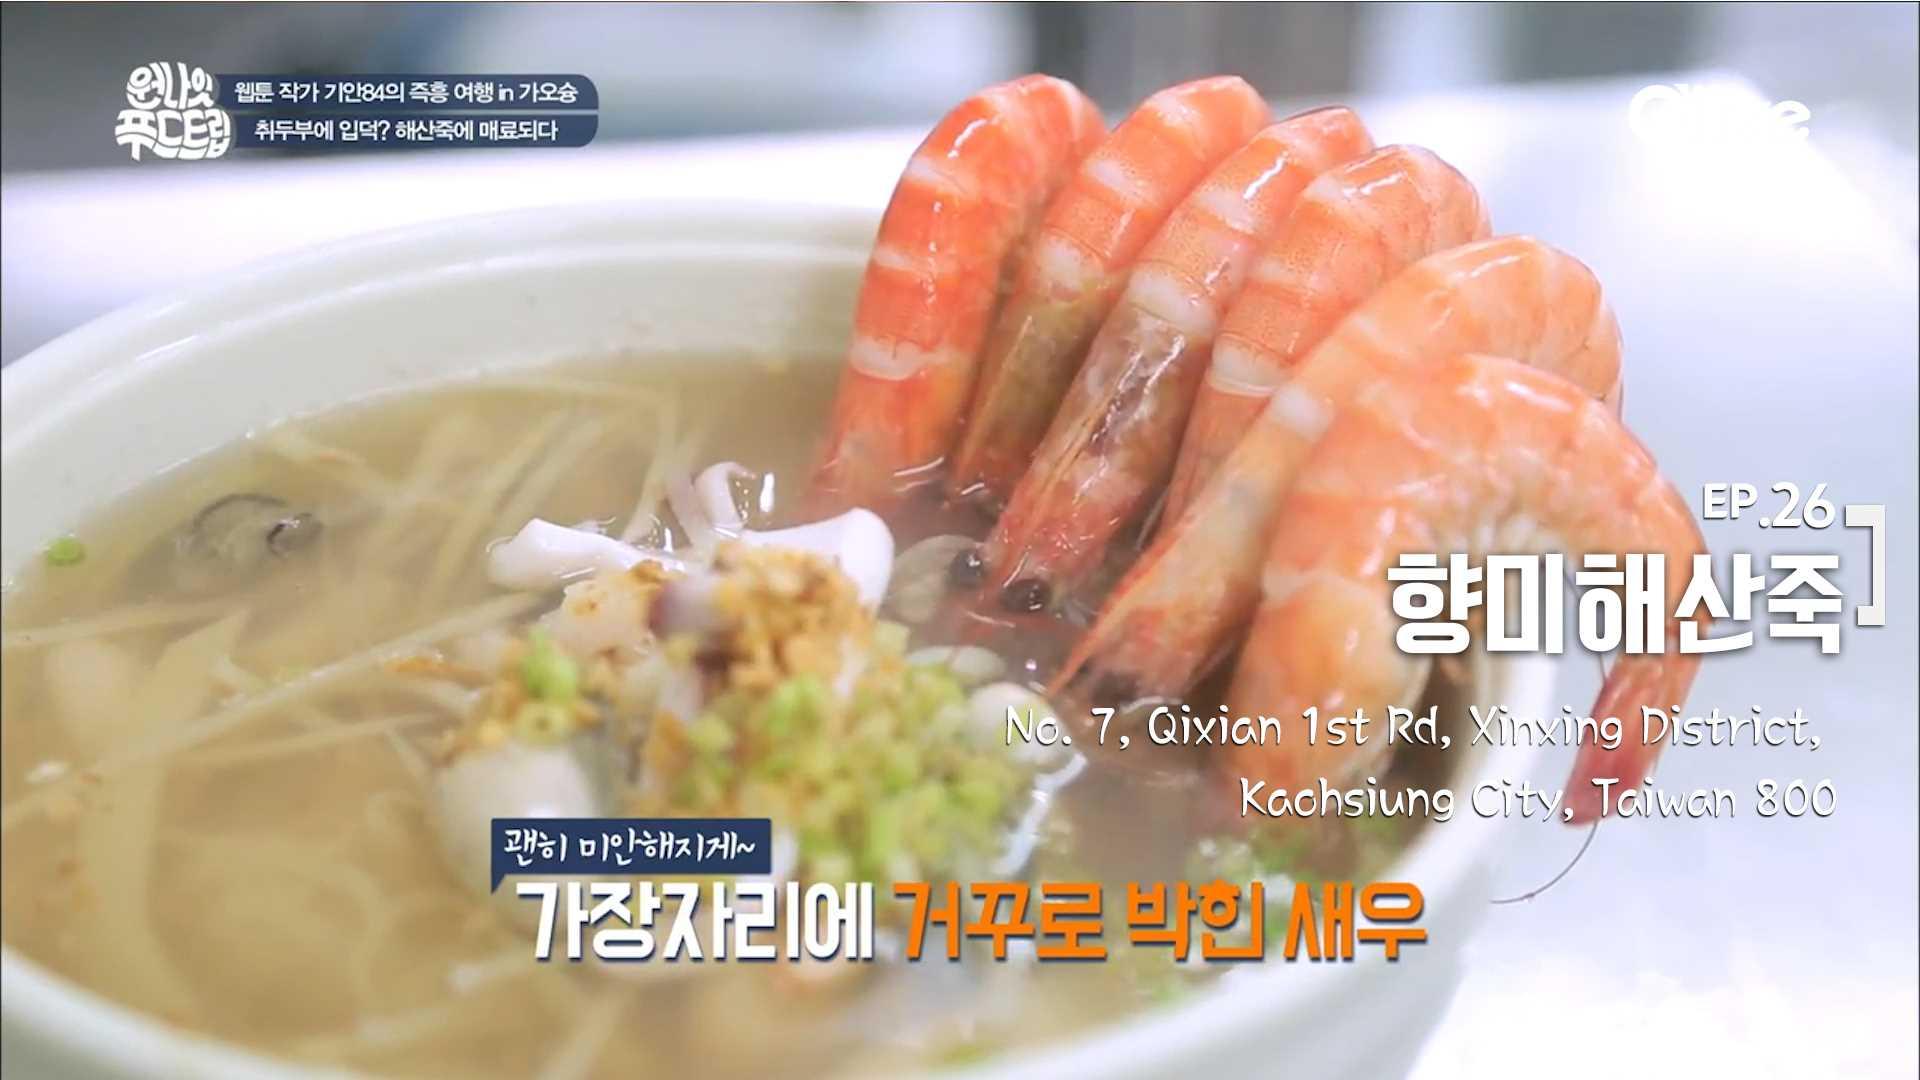 현지인 추천 최고의 단골 맛집 < 향미해산죽 >